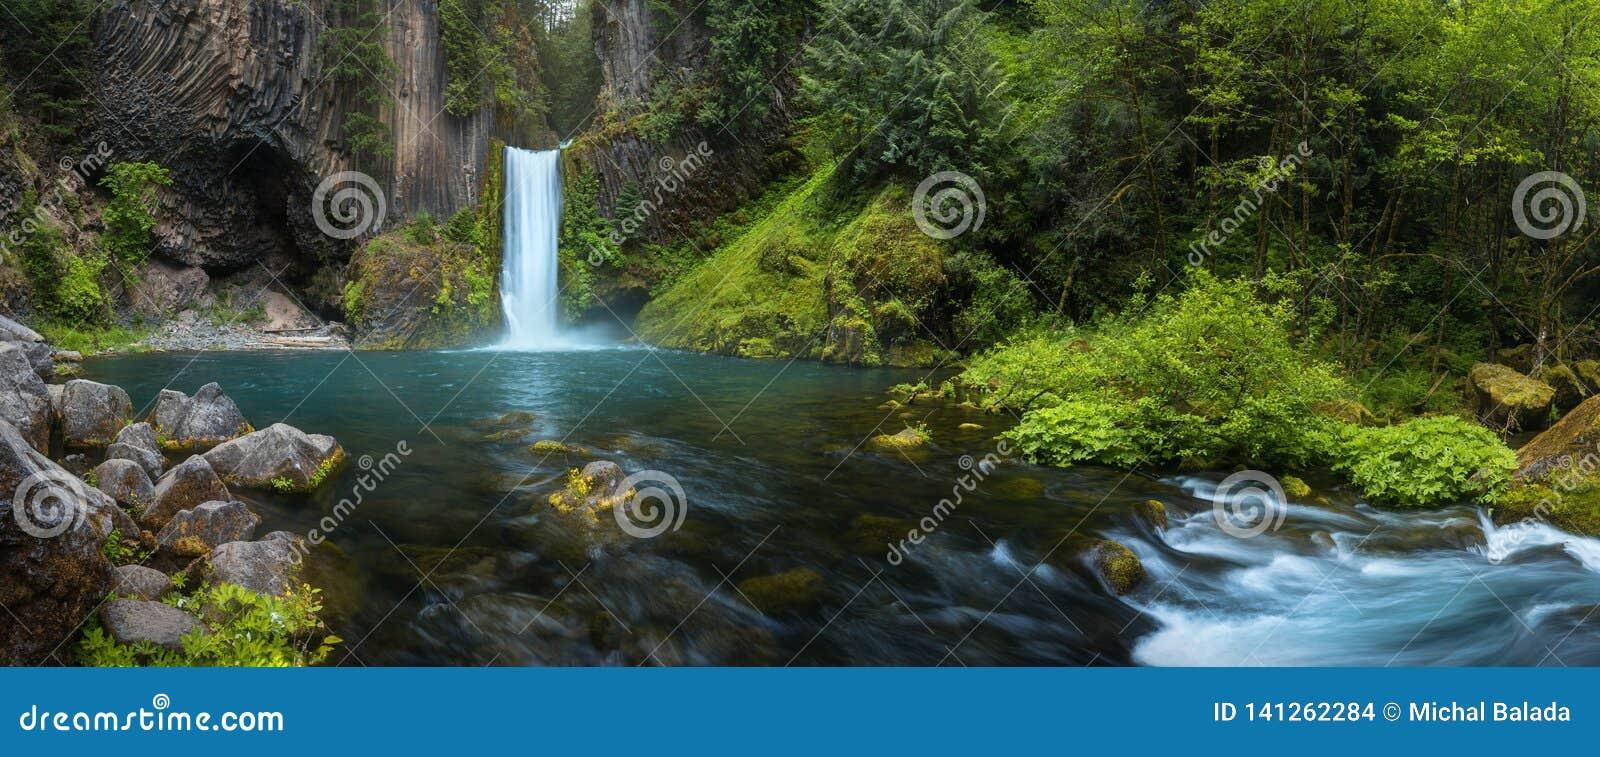 Las caídas de Toketee son una cascada en Douglas County, Oregon, Estados Unidos, en el río del norte de Umpqua